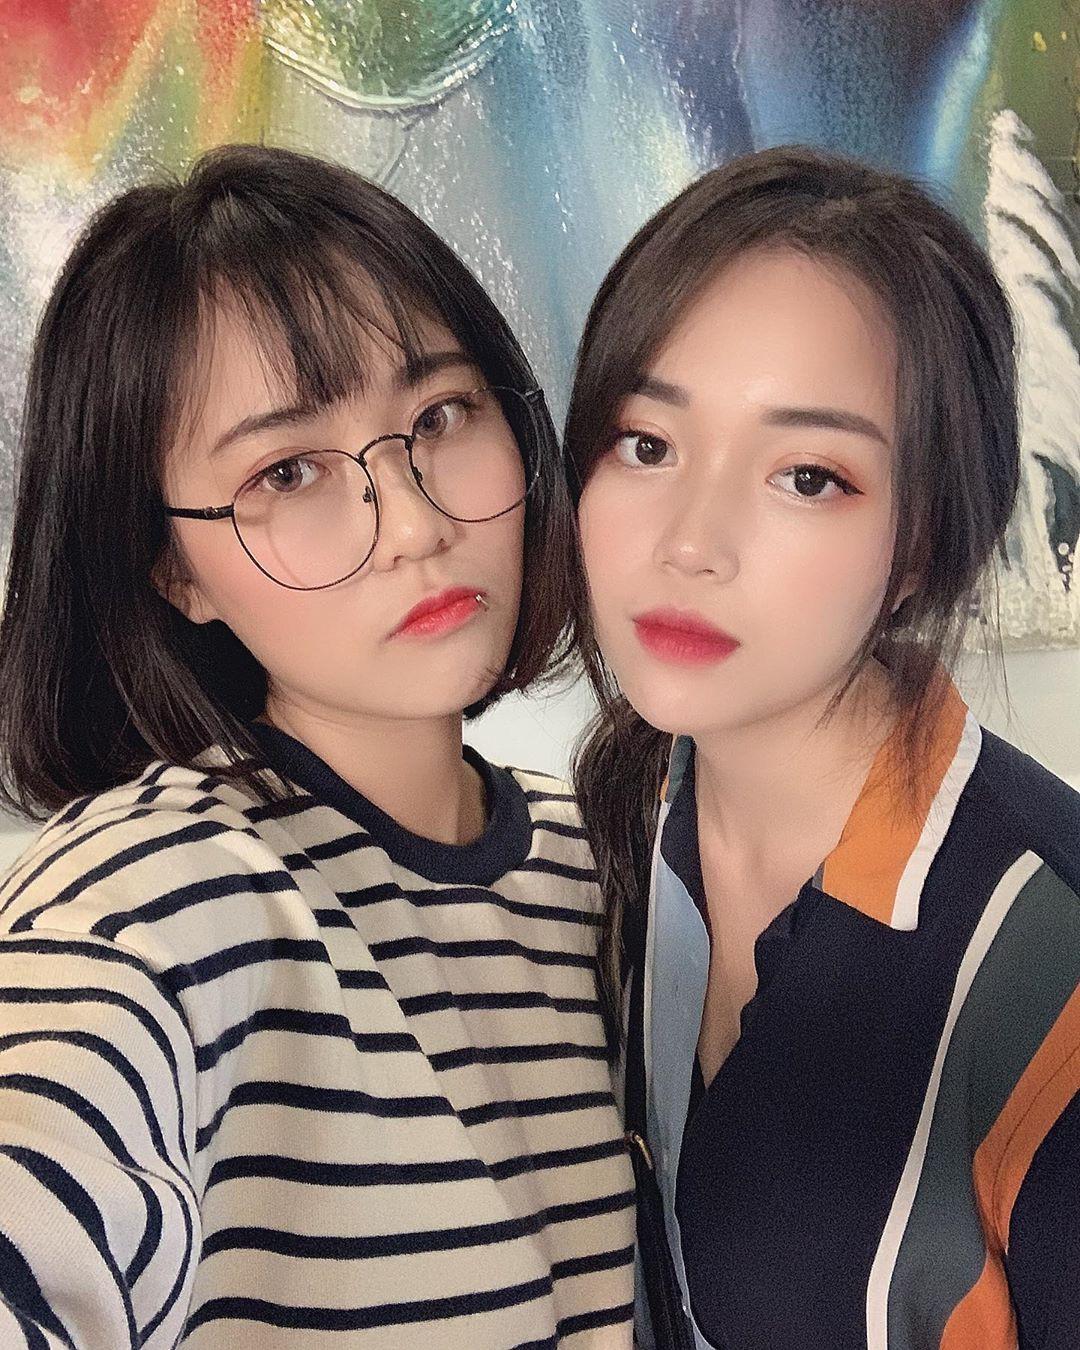 Bị bạn bè tag ảnh, dàn hot girl Việt lộ nhan sắc thật ra sao? - Ảnh 8